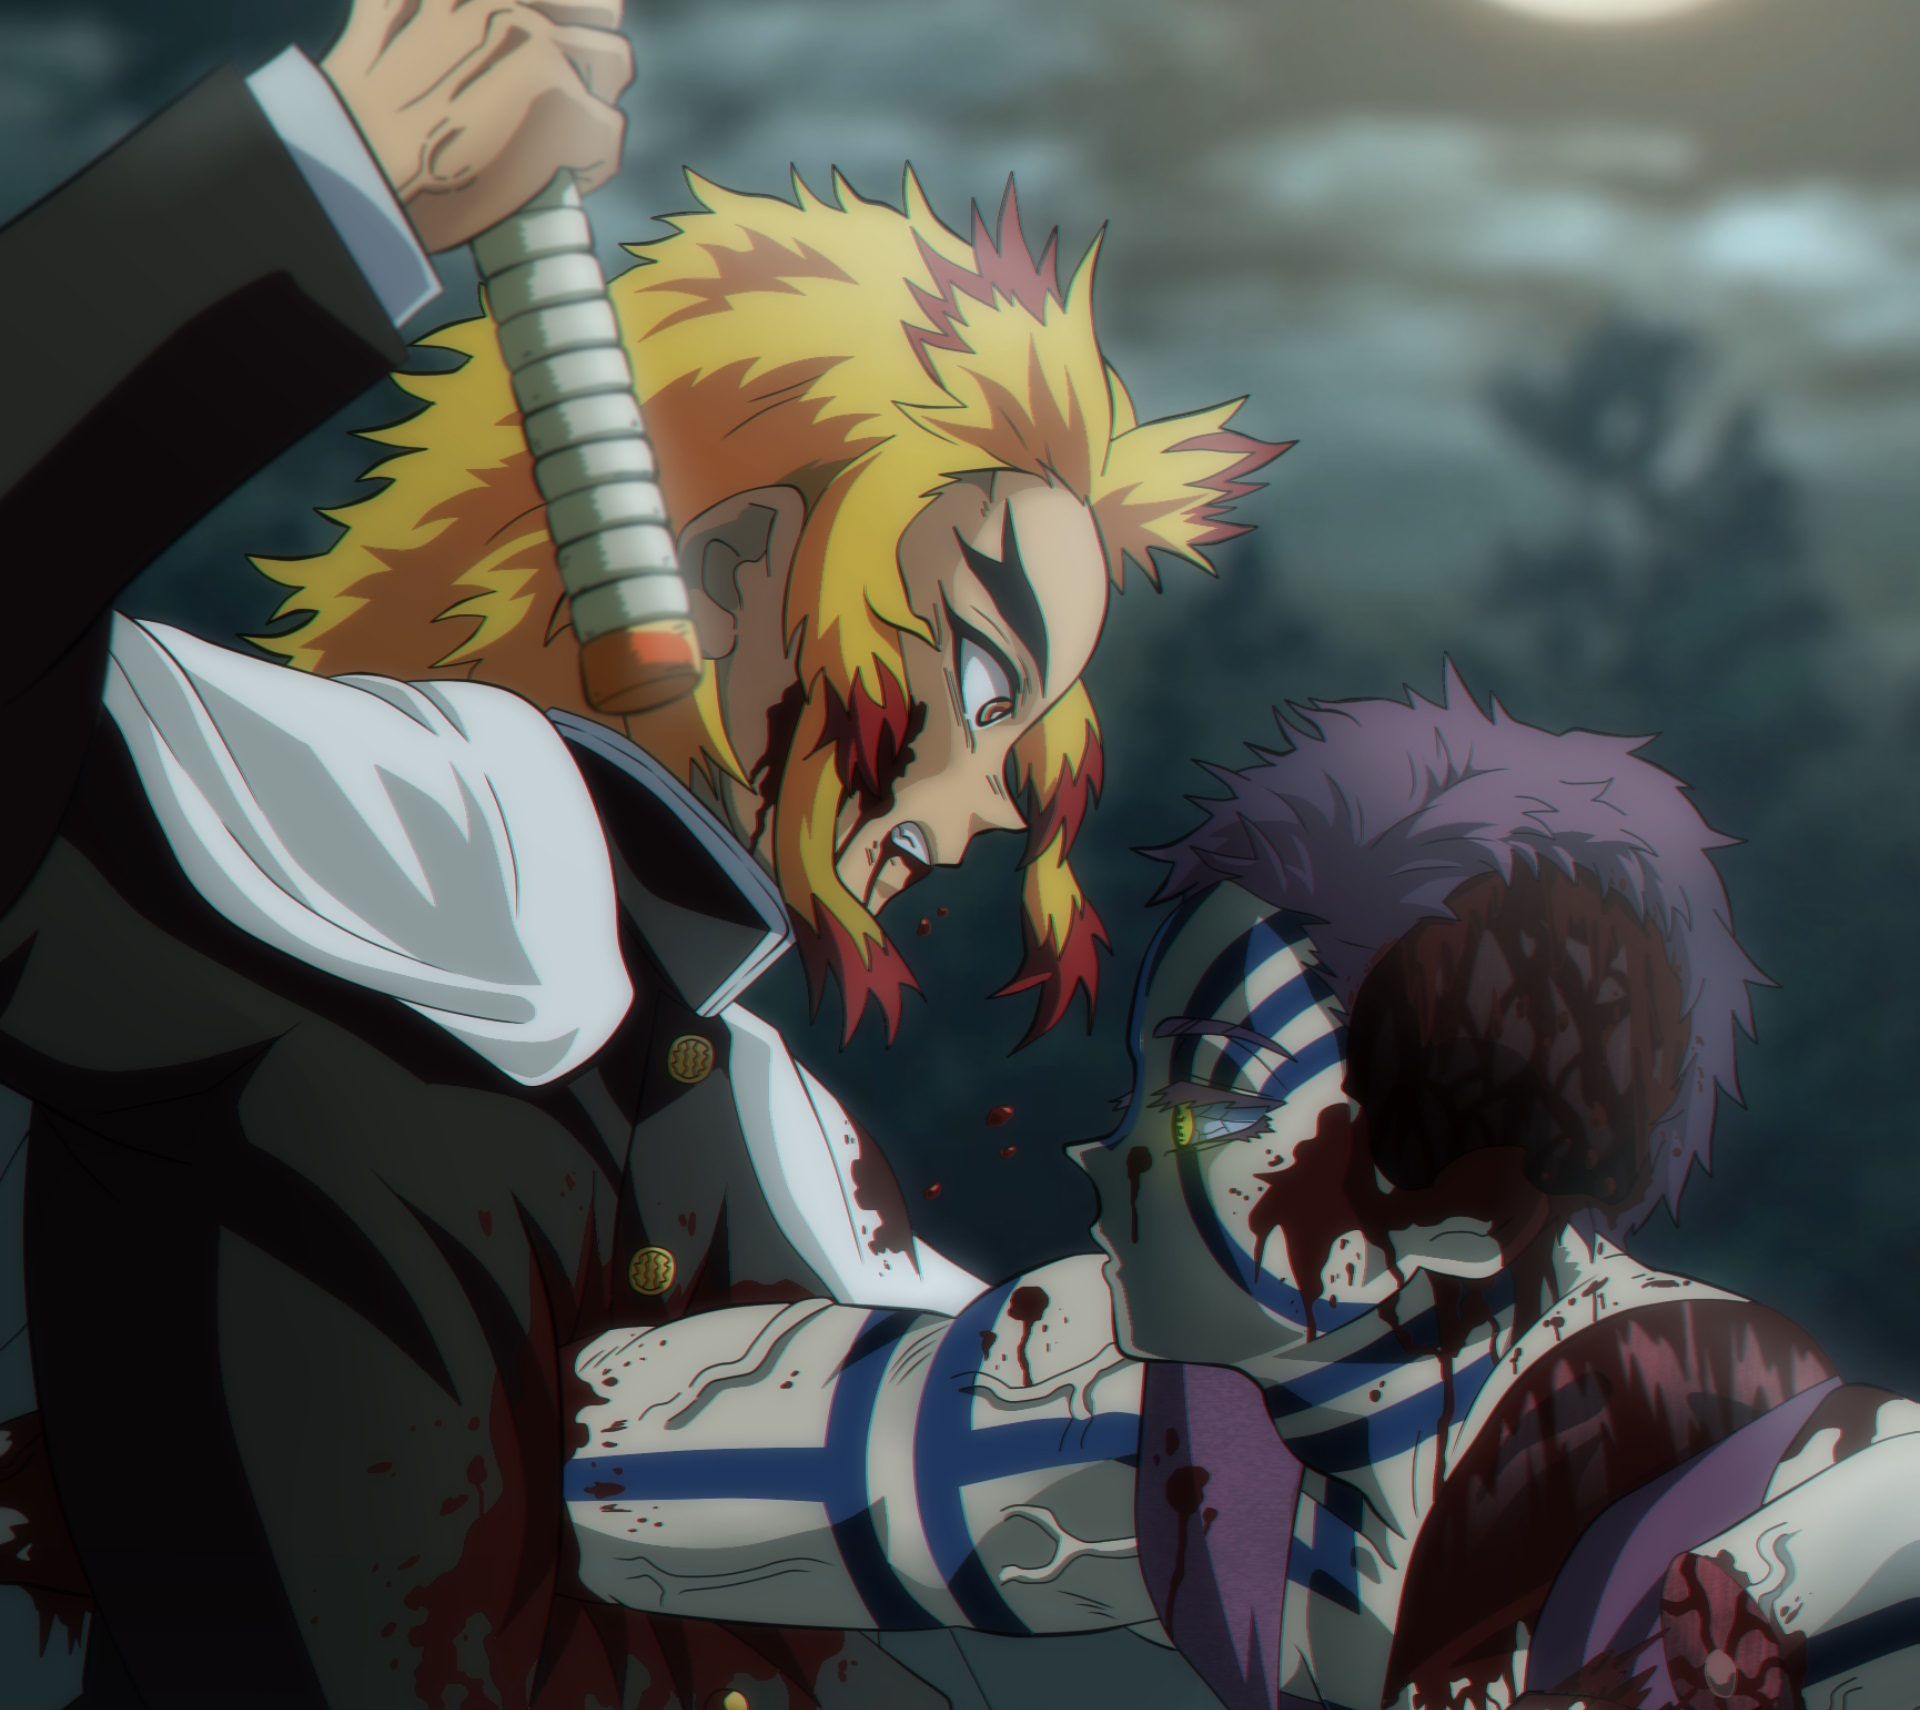 Demon Slayer Kimetsu No Yaiba Bs